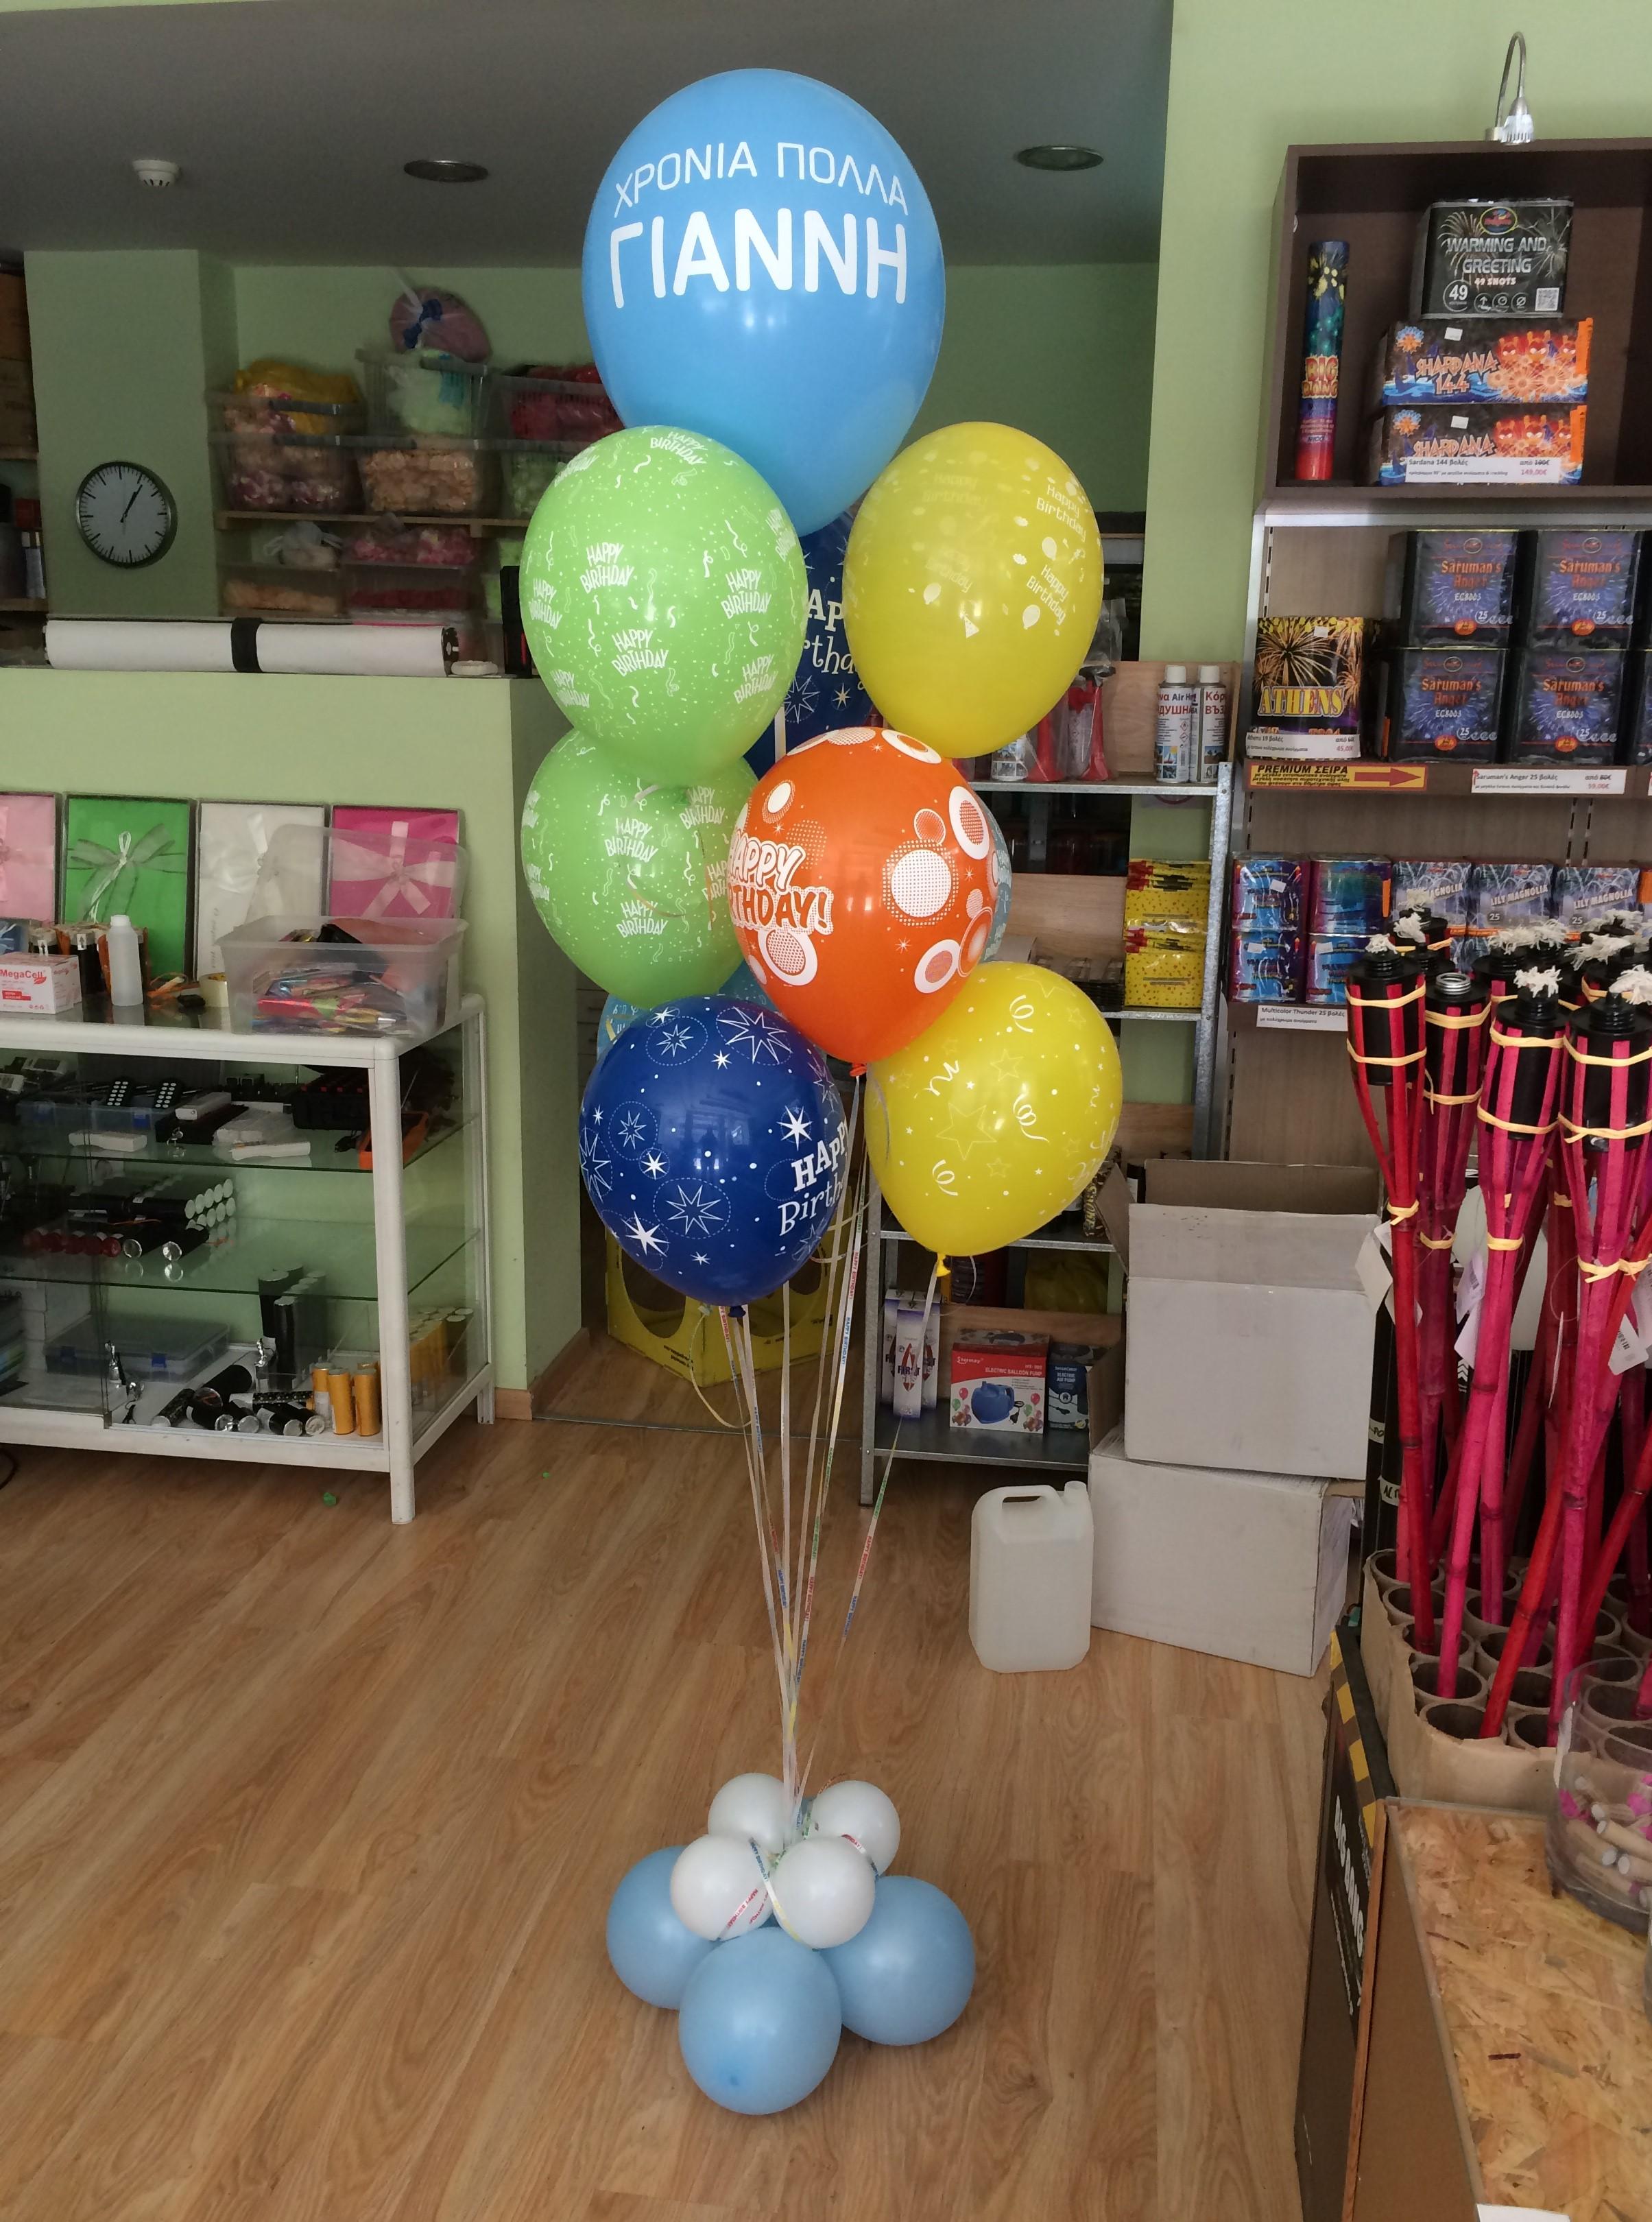 Σύνθεση μπαλονιών με όνομα